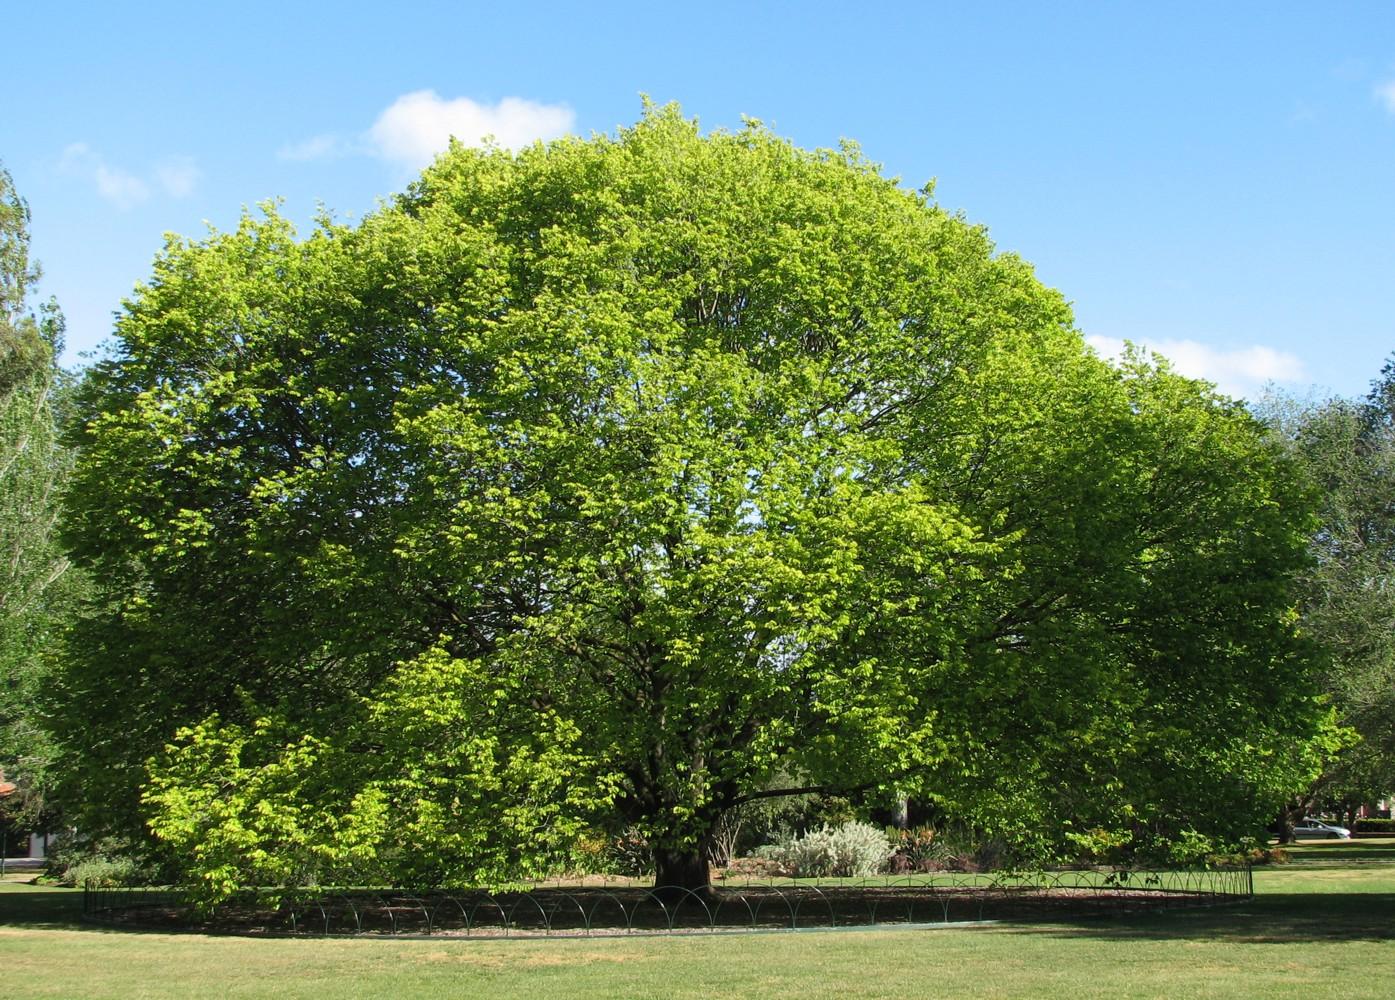 Ulmus glabra Wych Elm tree